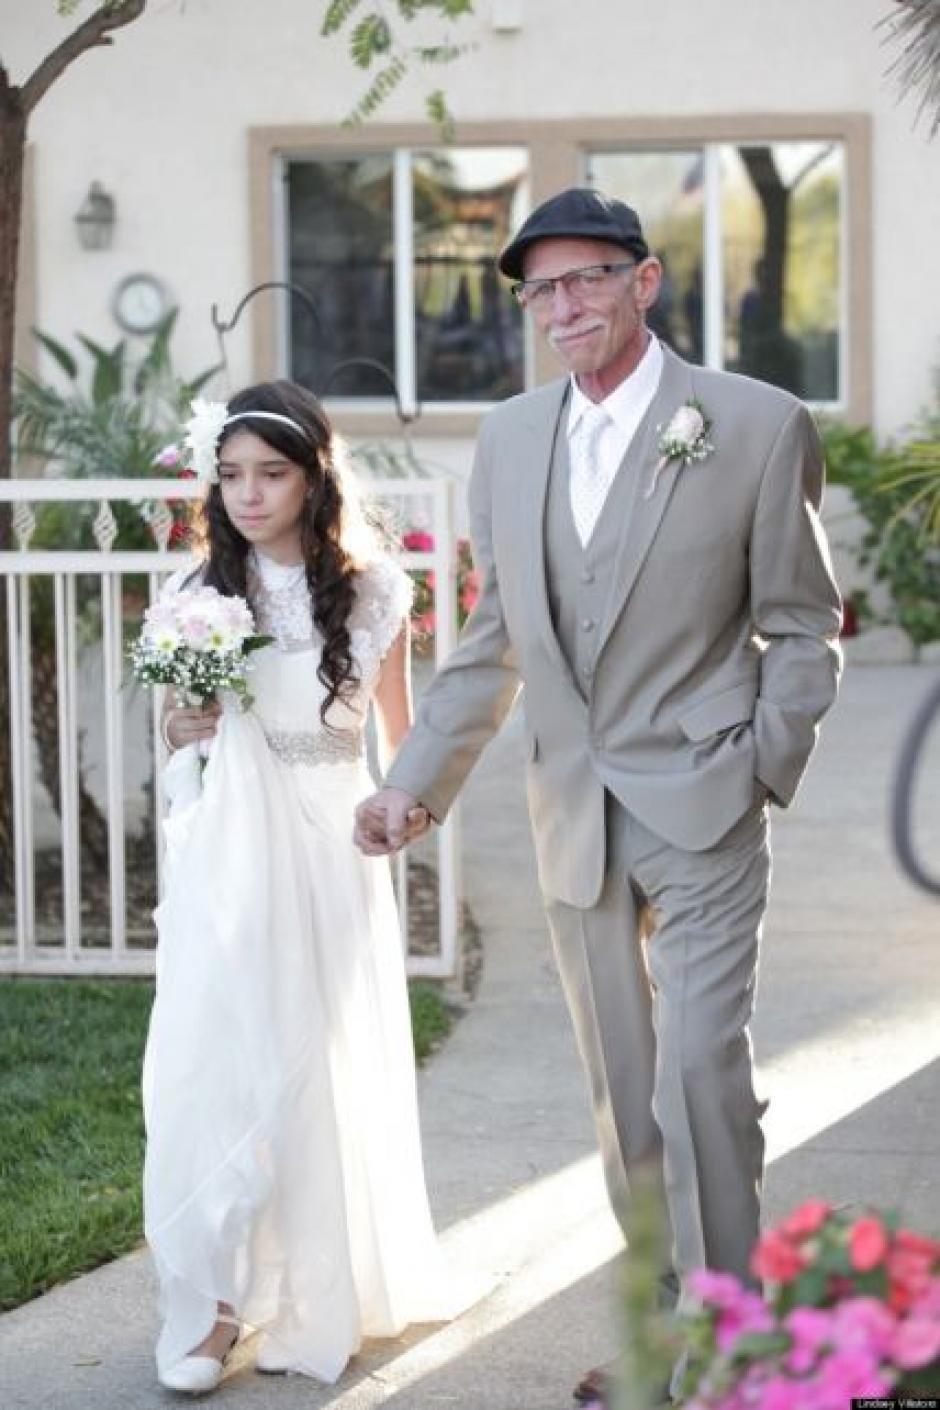 Josie pudo caminar hacia el altar del brazo de su padre. (Foto: Josie Natzic)